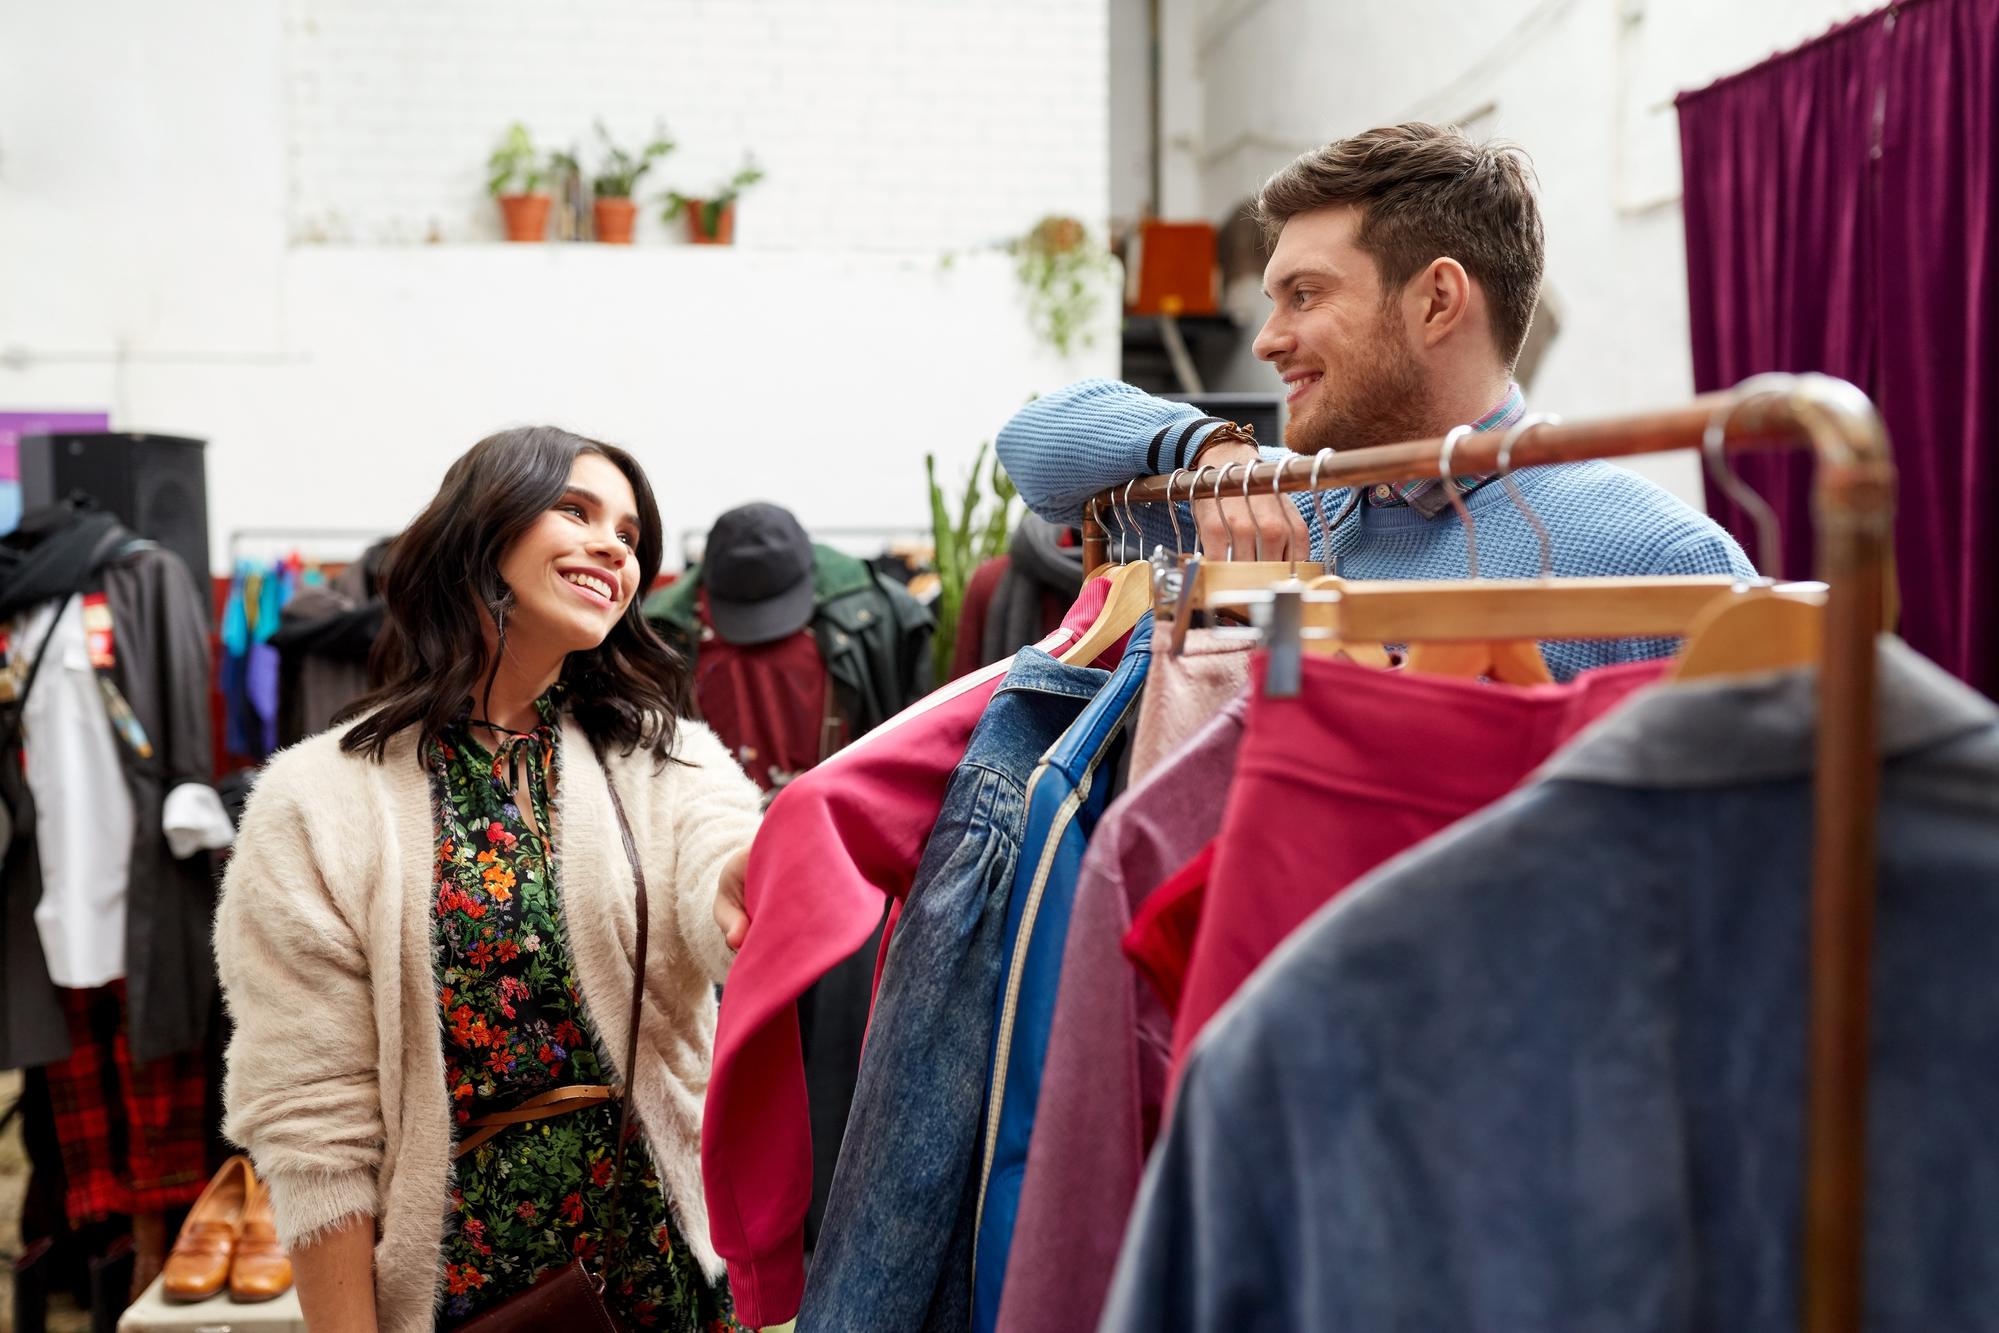 Aumente as vendas da loja de roupas nas datas comemorativas